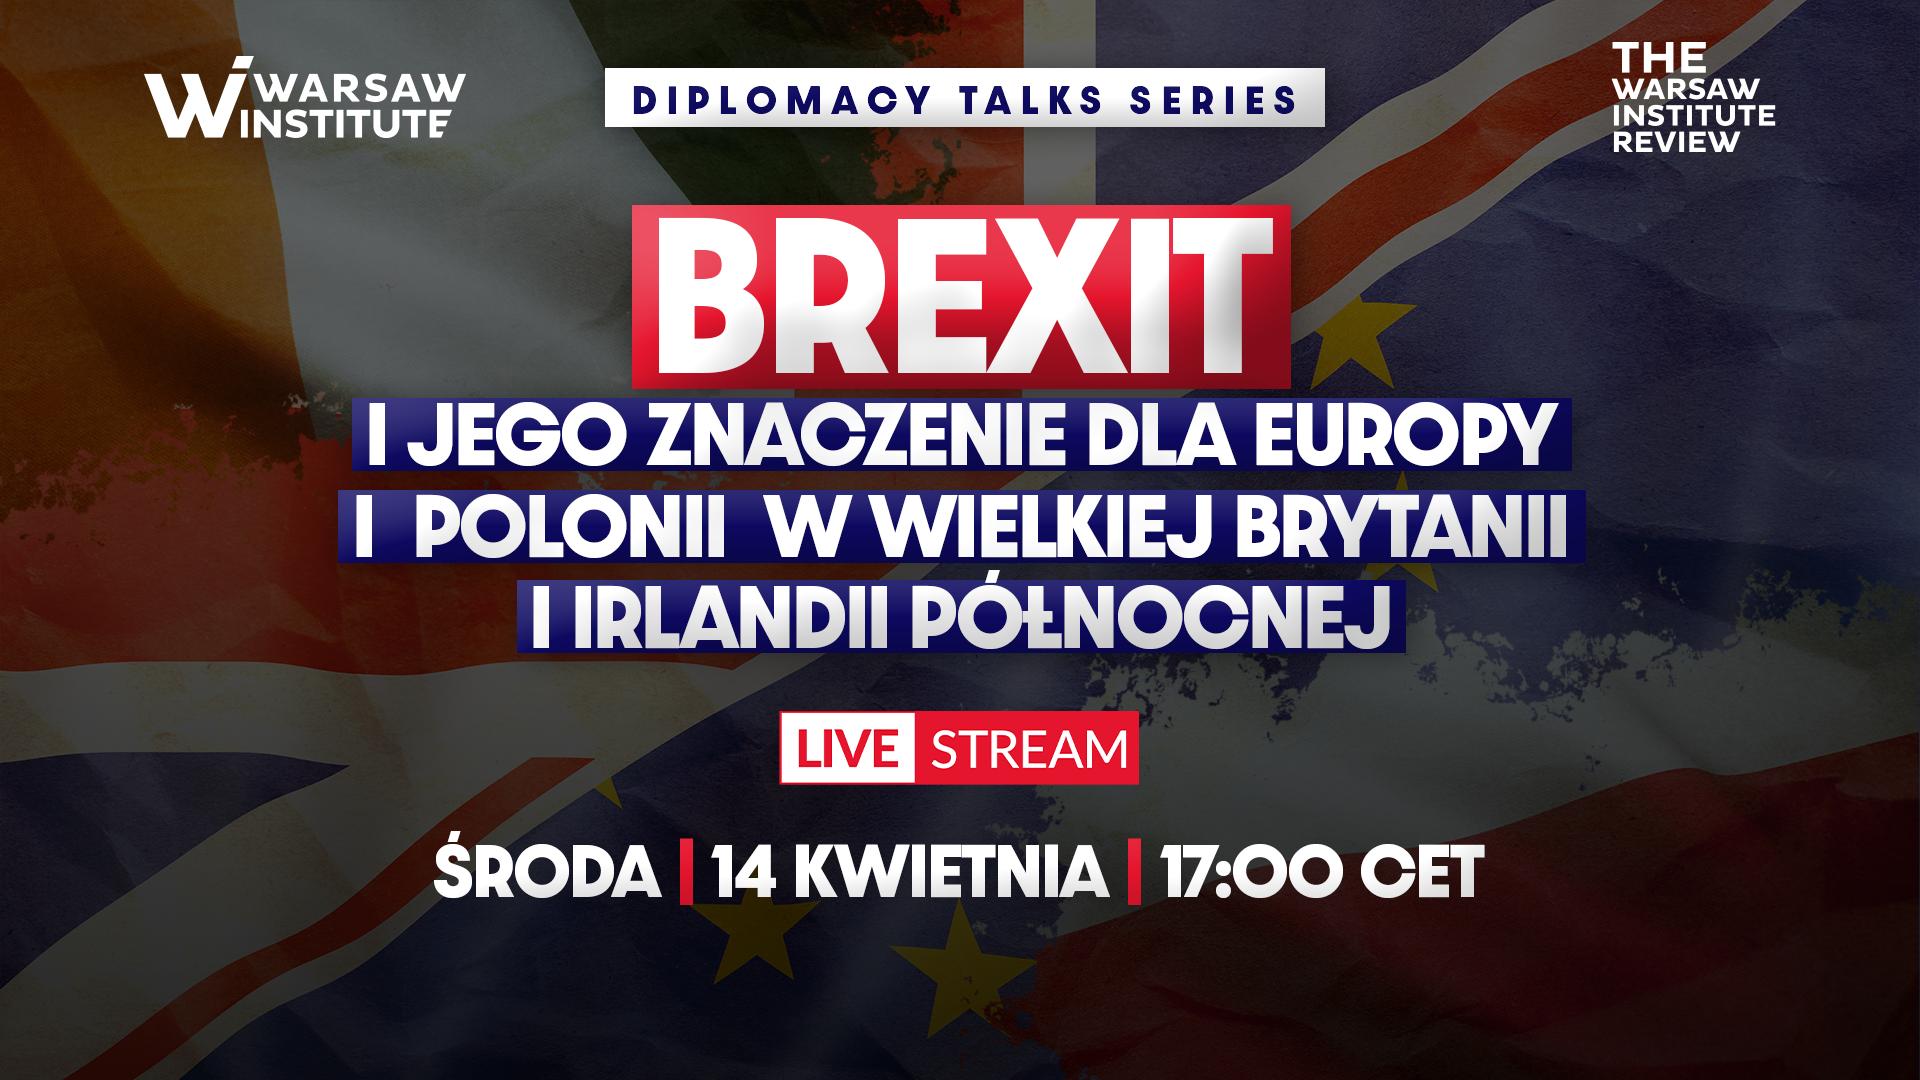 BREXIT i jego znaczenie dla Europy i licznej Polonii w Wielkiej Brytanii i Irlandii Północnej | Diplomacy Talks Series